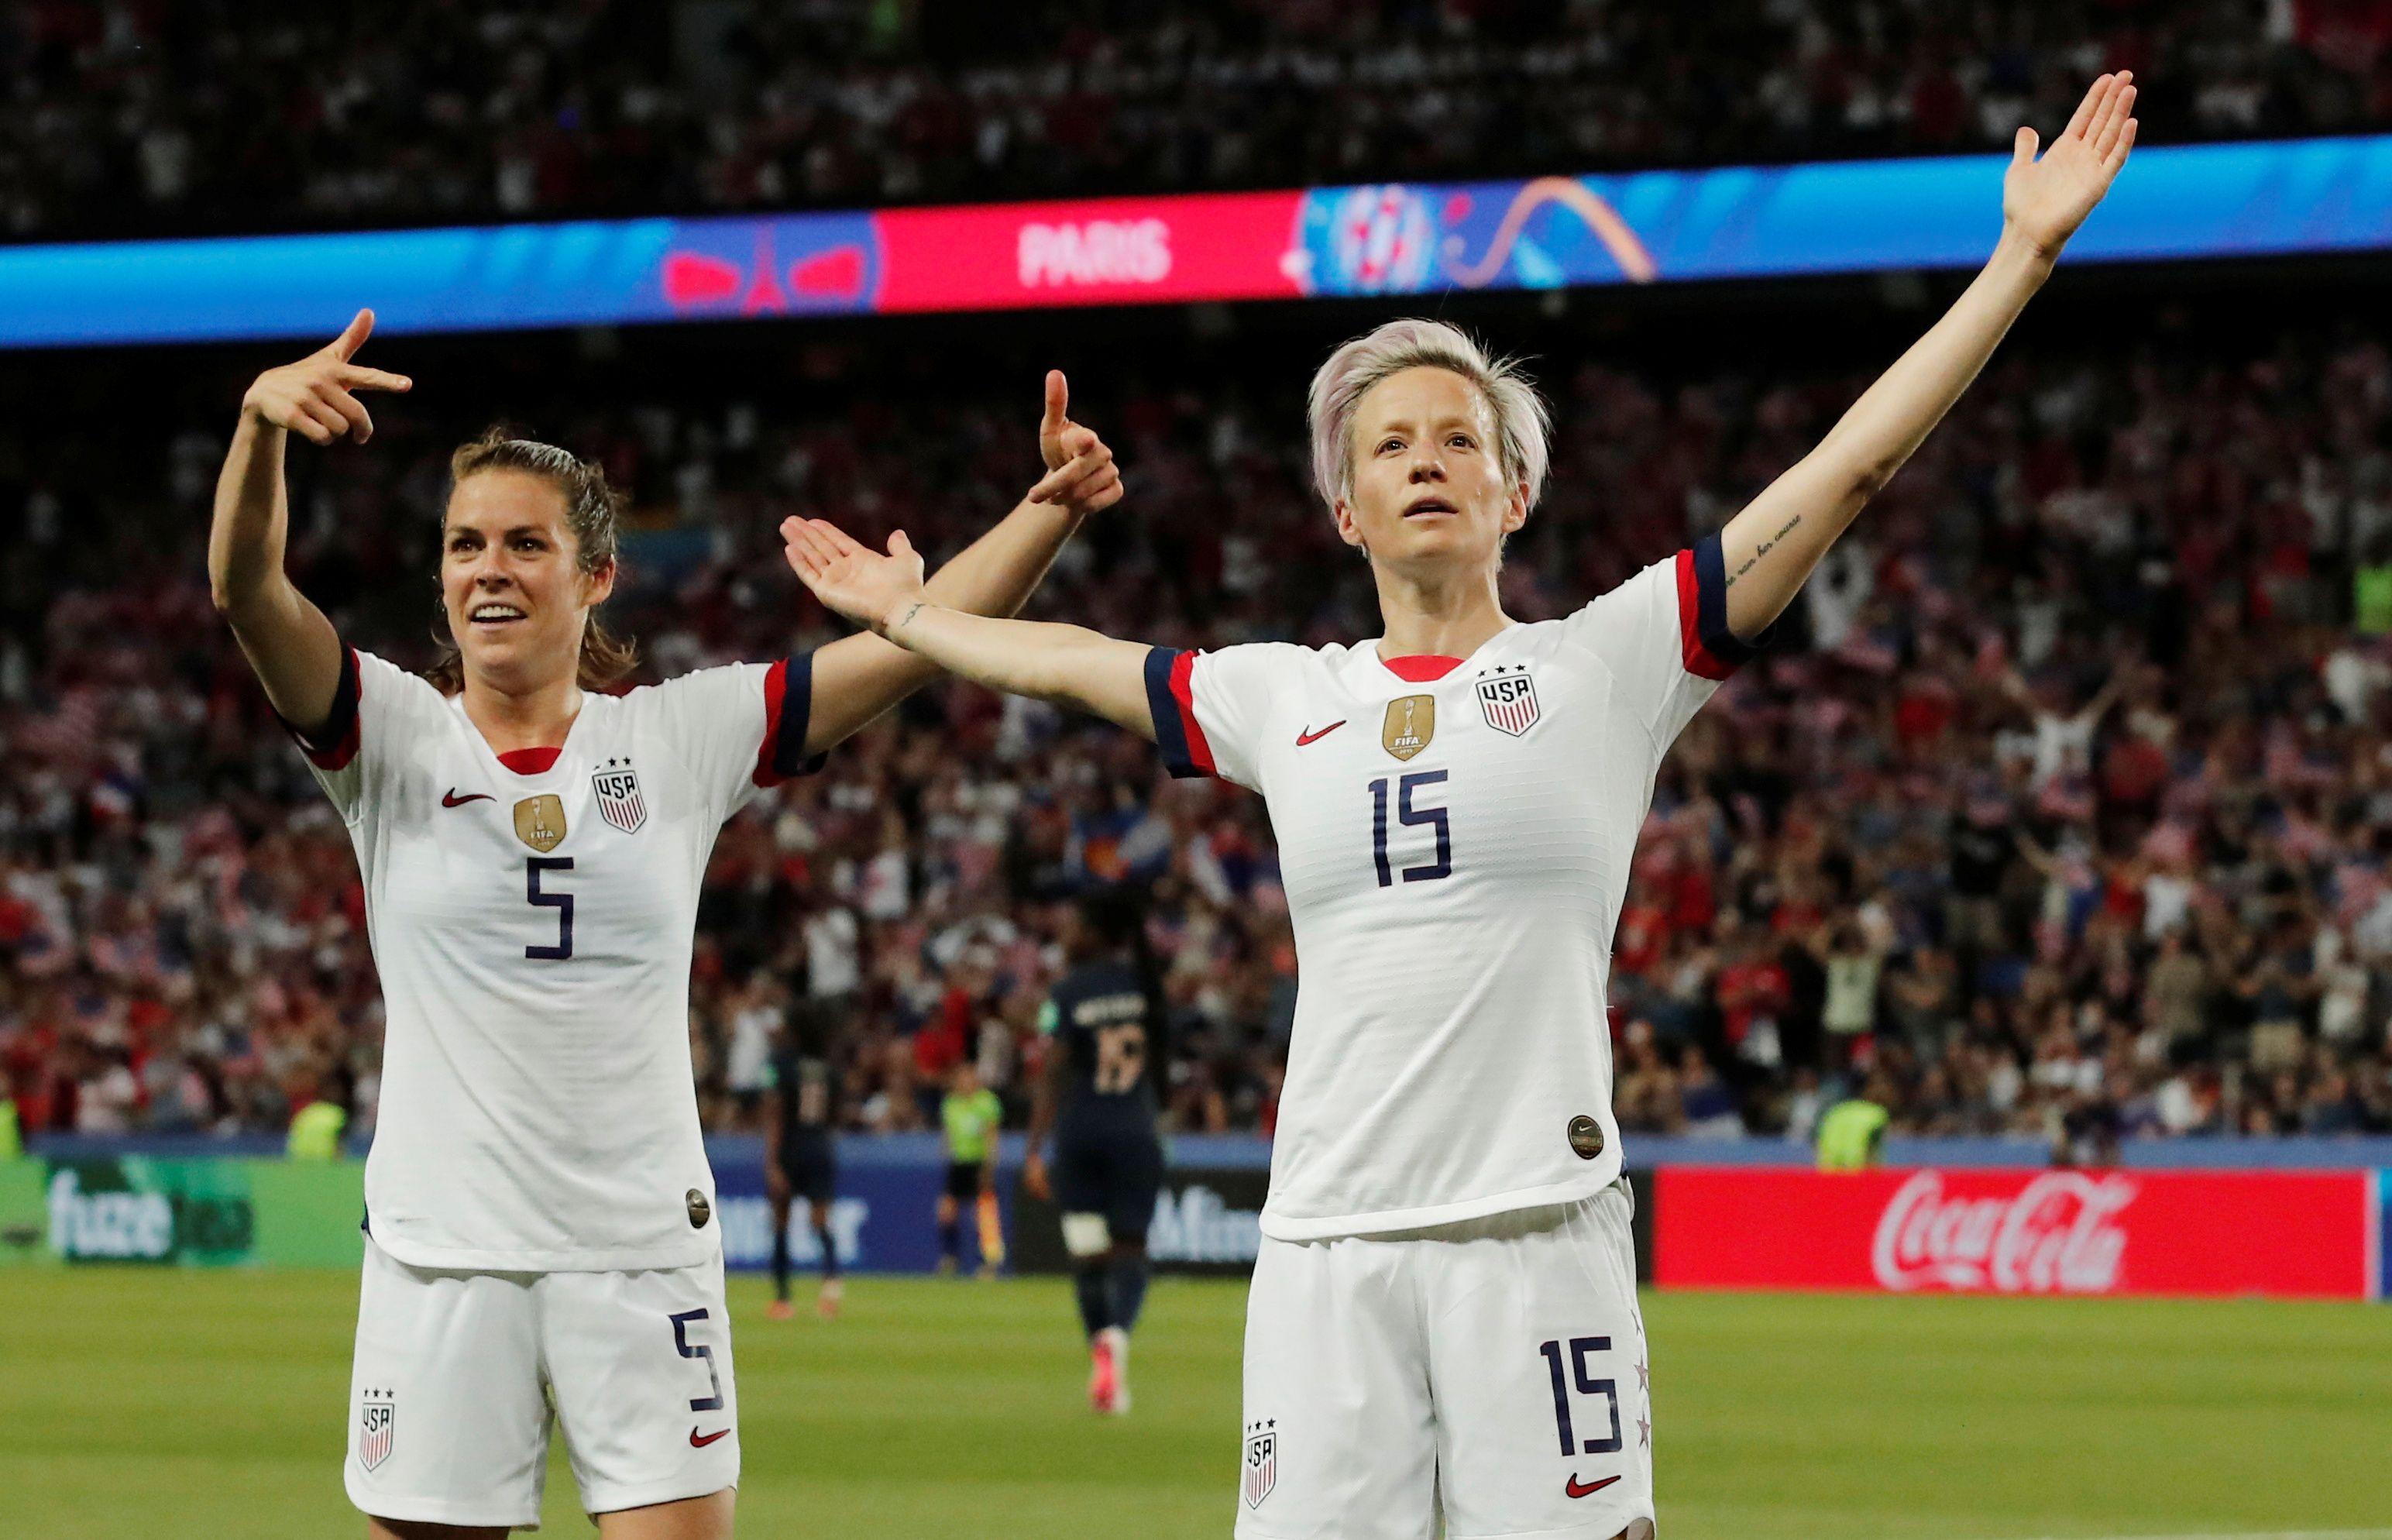 Football - Coupe du monde féminine - Quand Rapinoe, la bourreau des Bleues, se met au français : «C'est ma-gni-fique !»